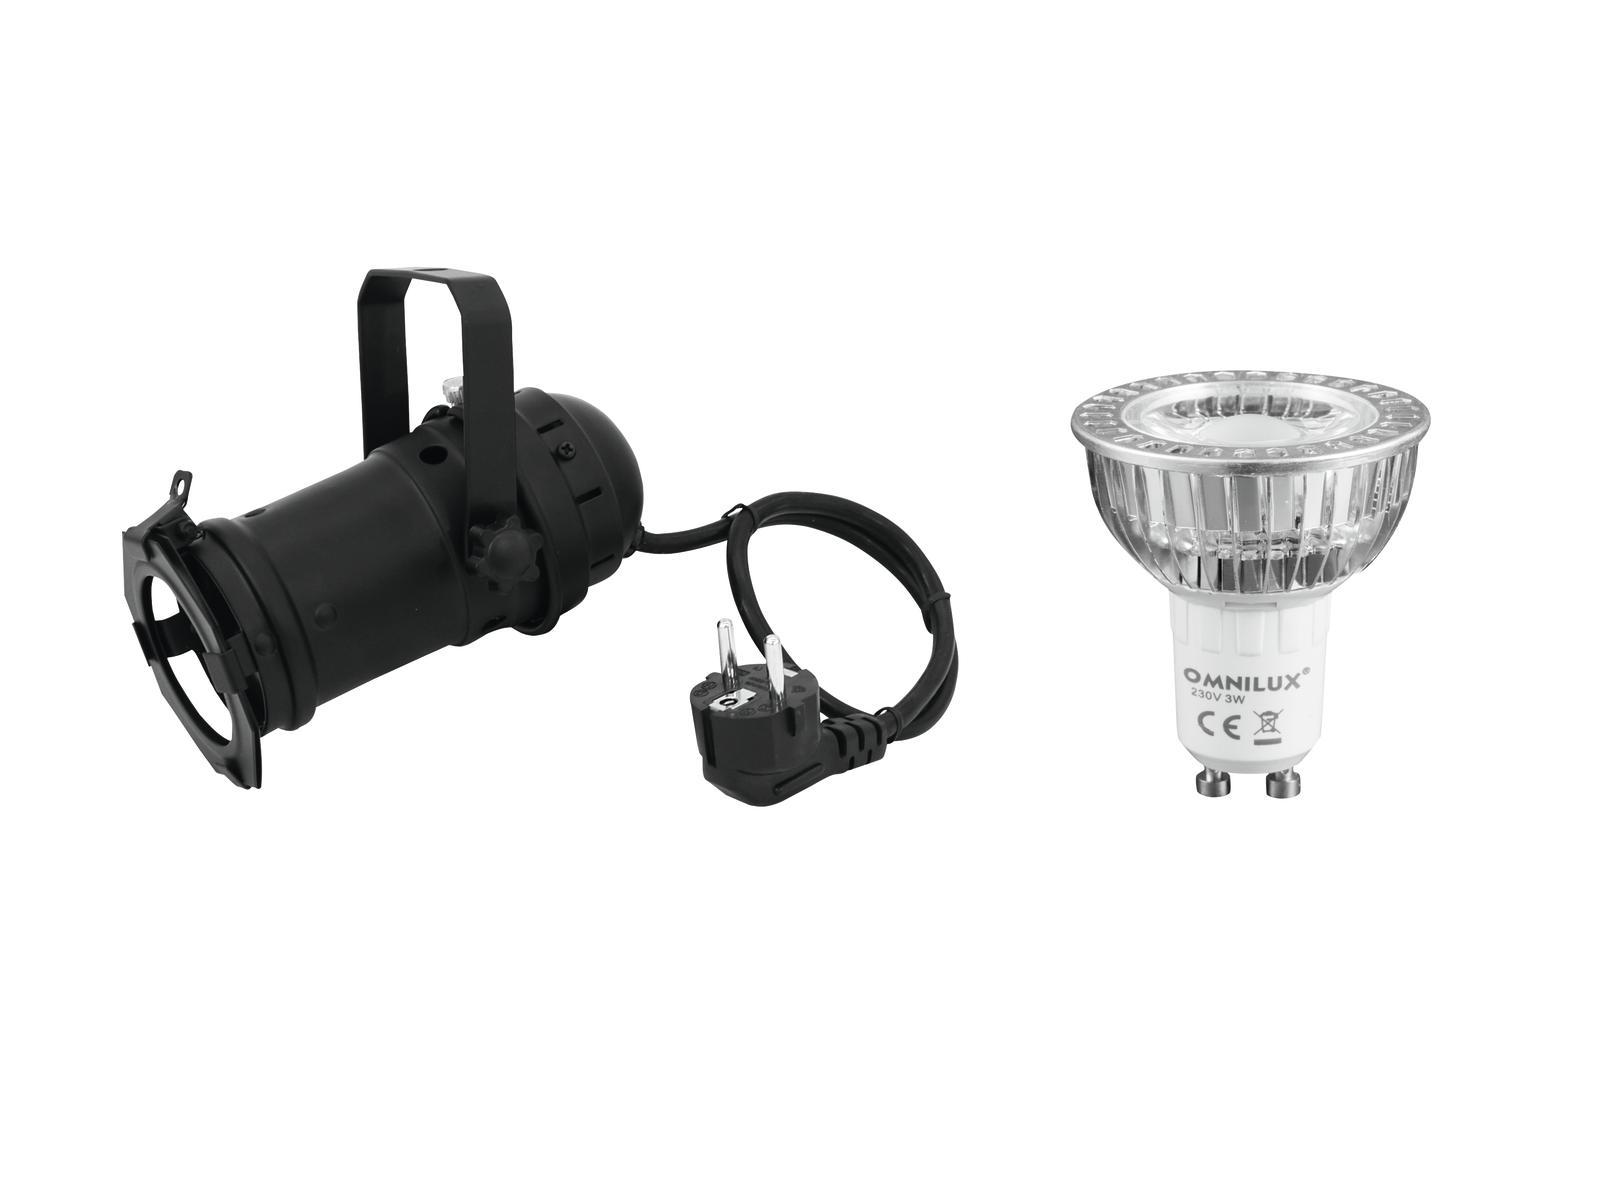 EUROLITE Impostare PAR-16 Spot bk + GU-10 230V COB 1x3W LED 2700K